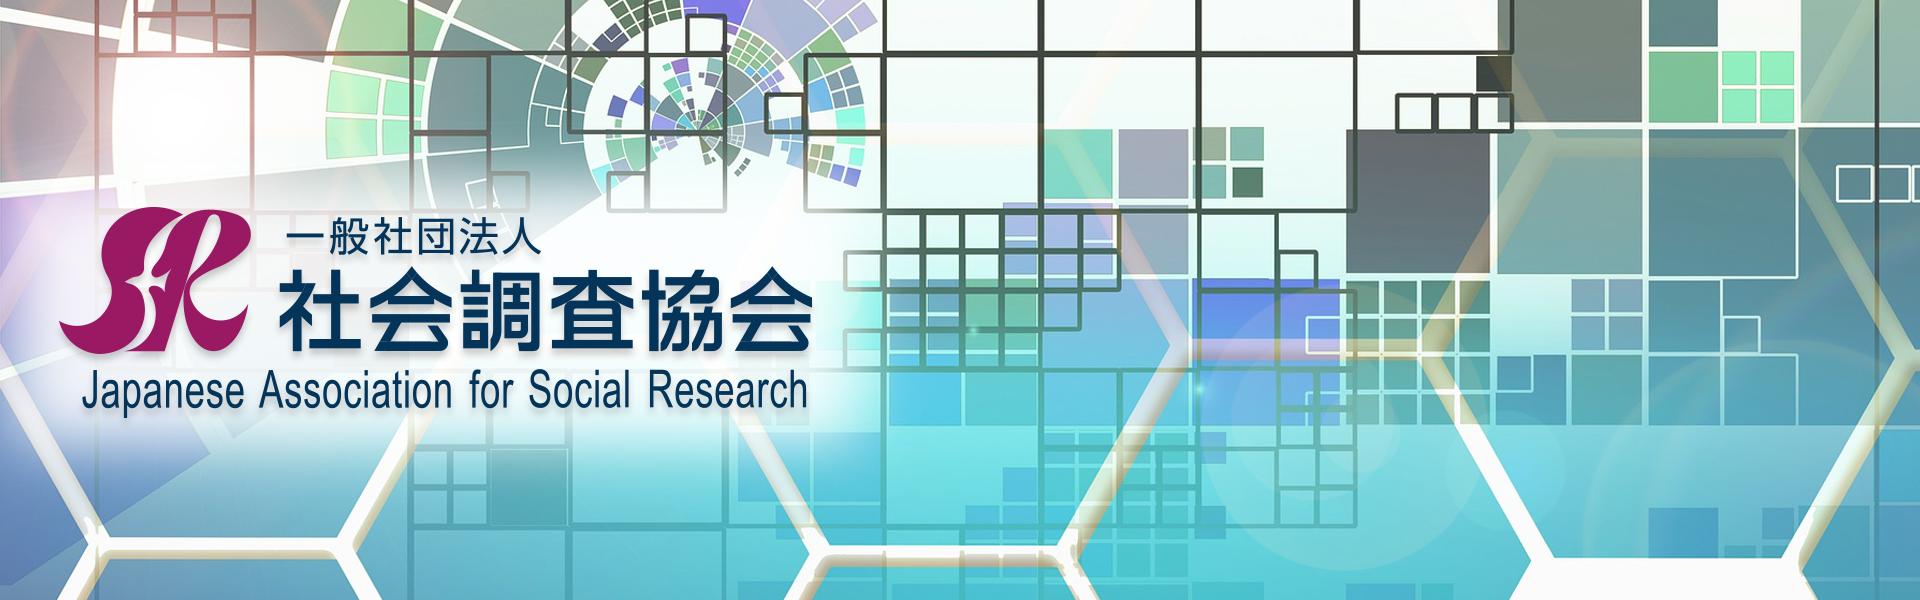 社会調査協会ウェブサイト